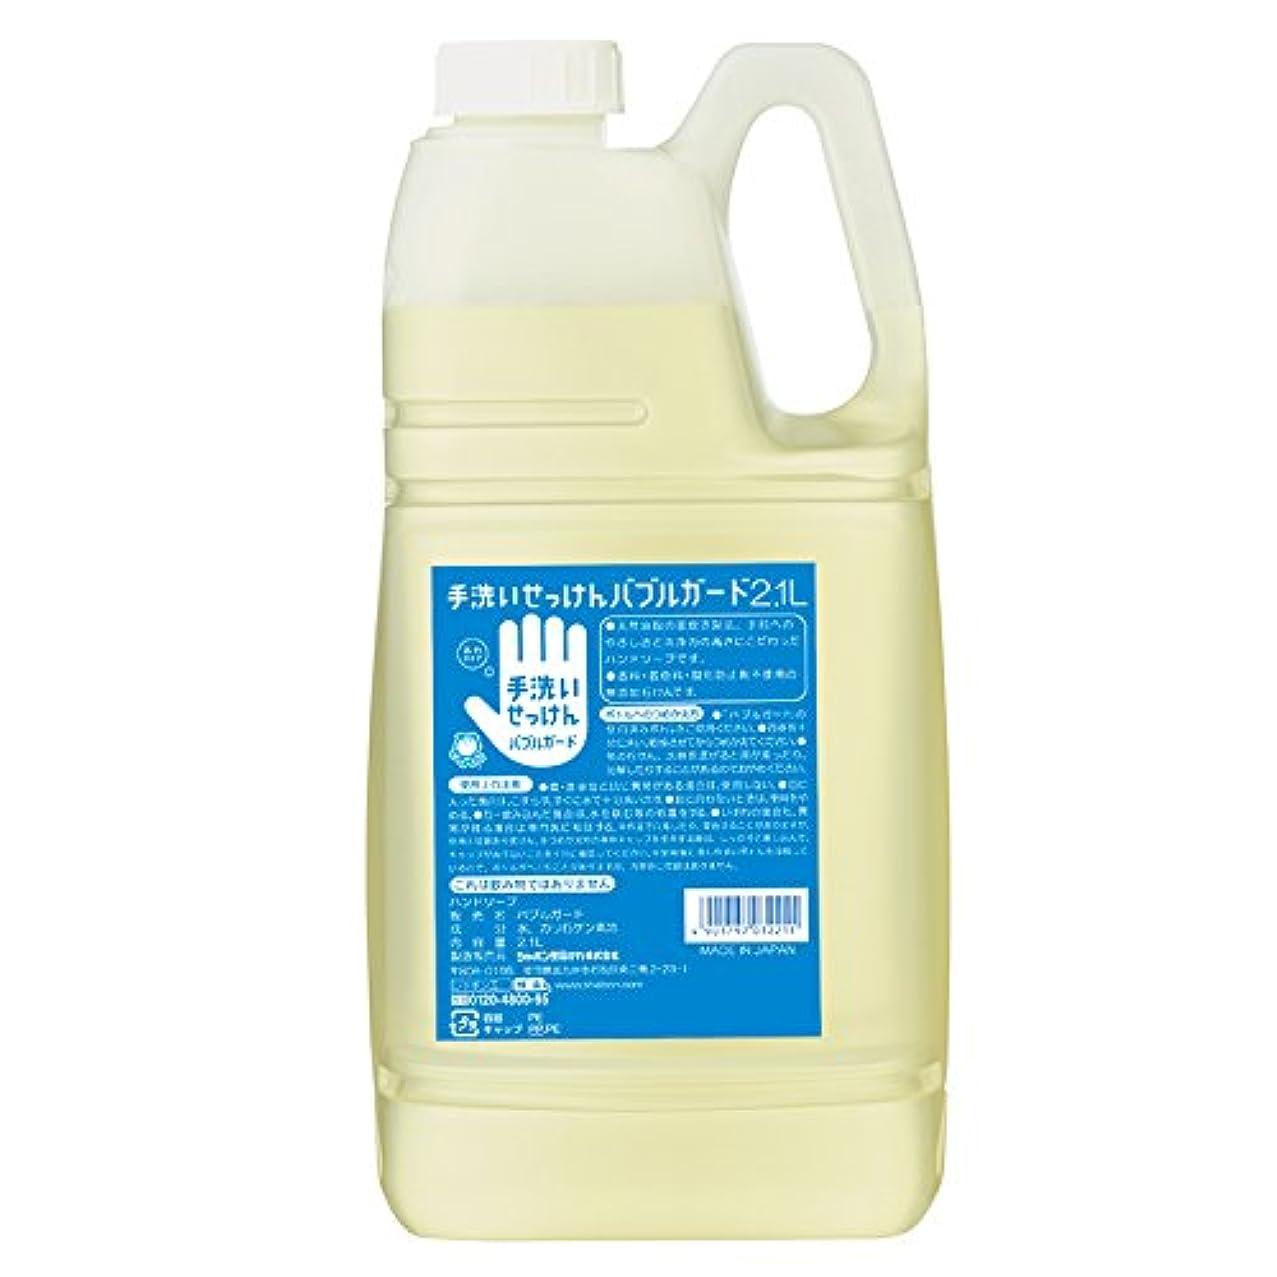 言うまでもなく場所森林シャボン玉石けん 手洗いせっけん?ハンドソープ バブルガード 2.1L